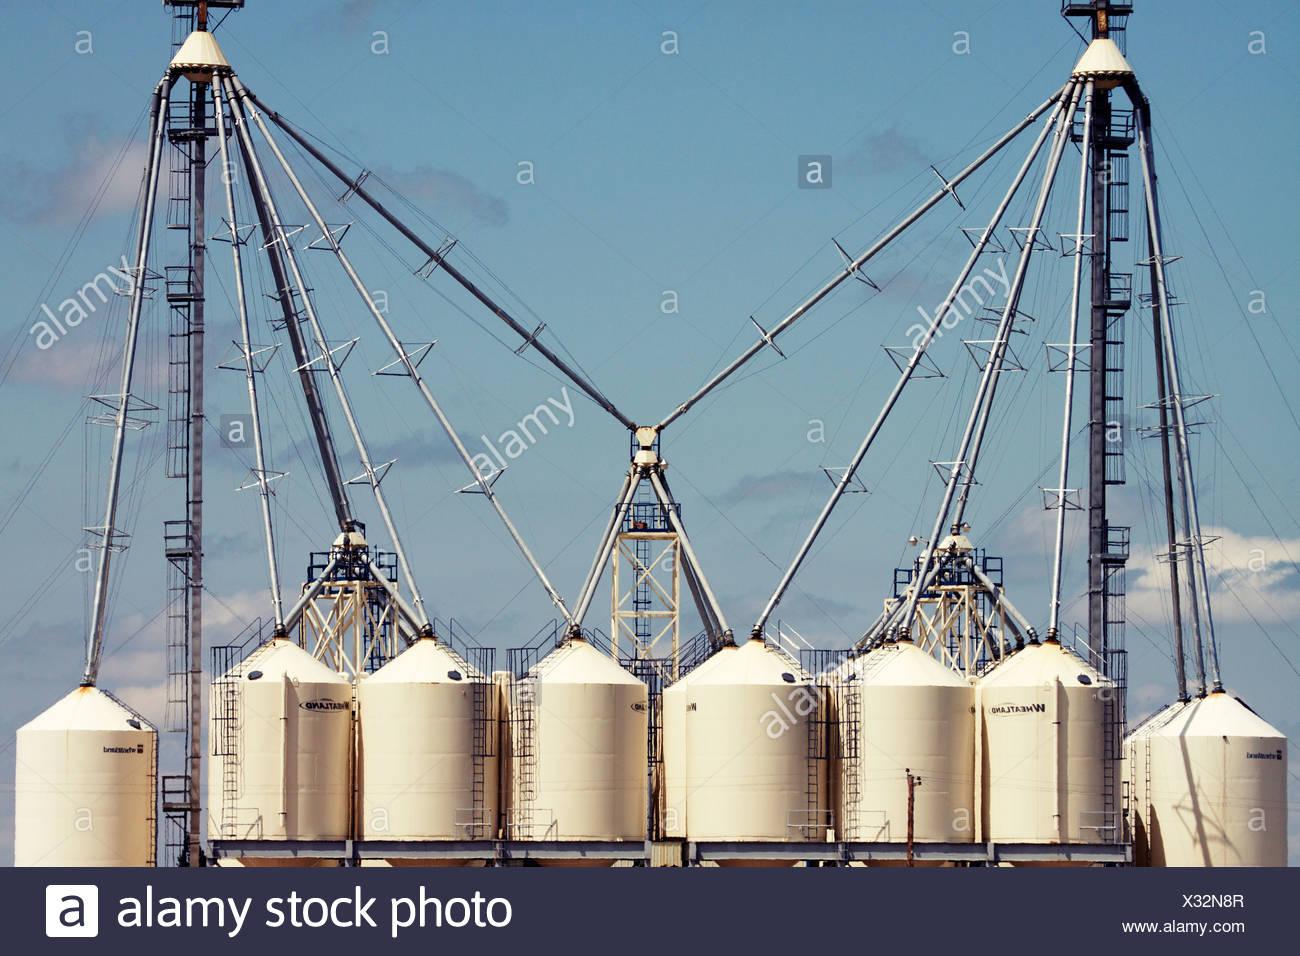 Getreidesilos in der Nähe von Husaren, Alberta in der kanadischen Prärie. Stockbild